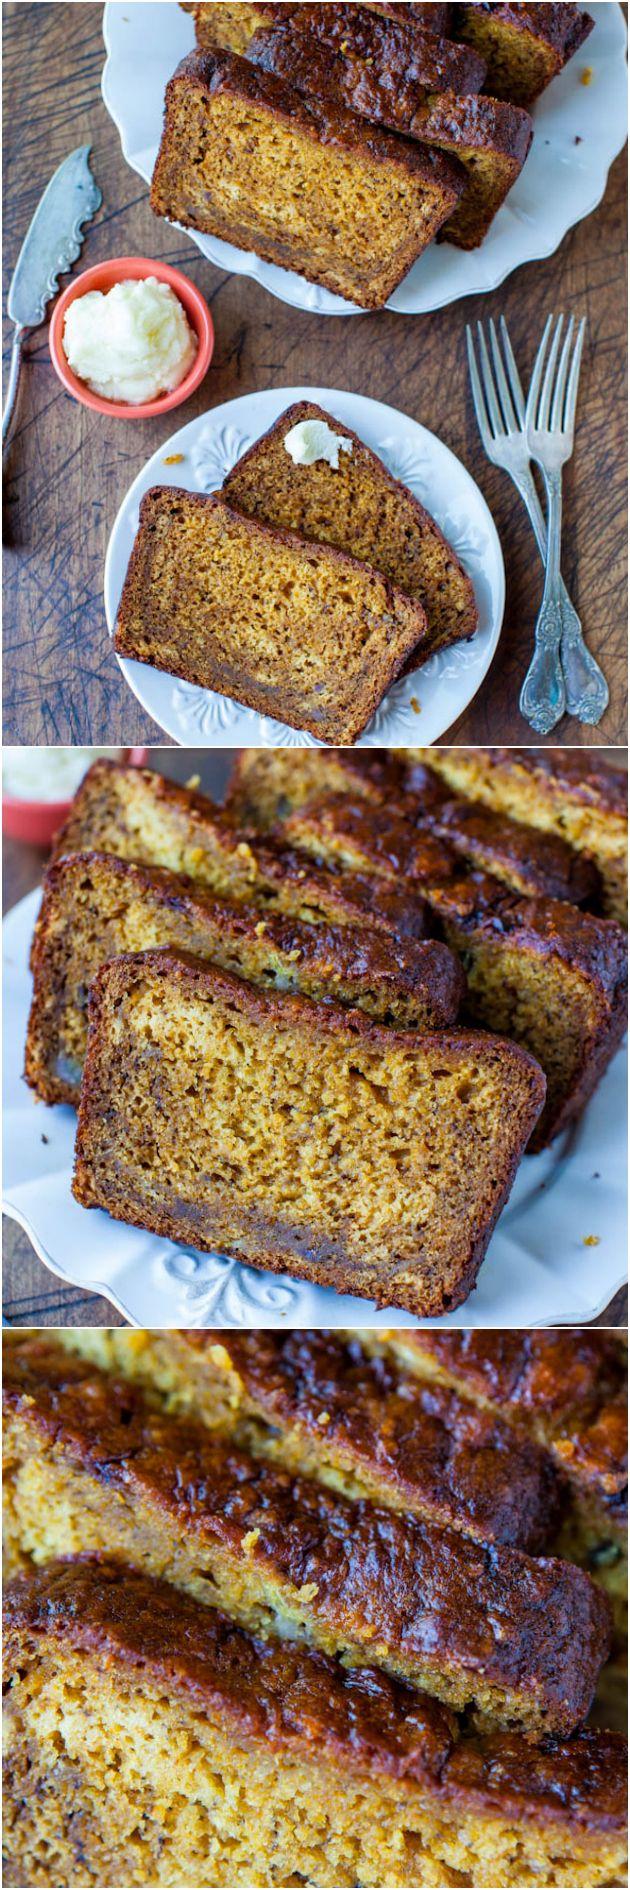 Calabaza Pan de plátano con bronceadas Mantequilla Queso Crema Frosting - Suave, suave y esponjosa y mucho mejor que otra rebanada de pan de plátano normal!